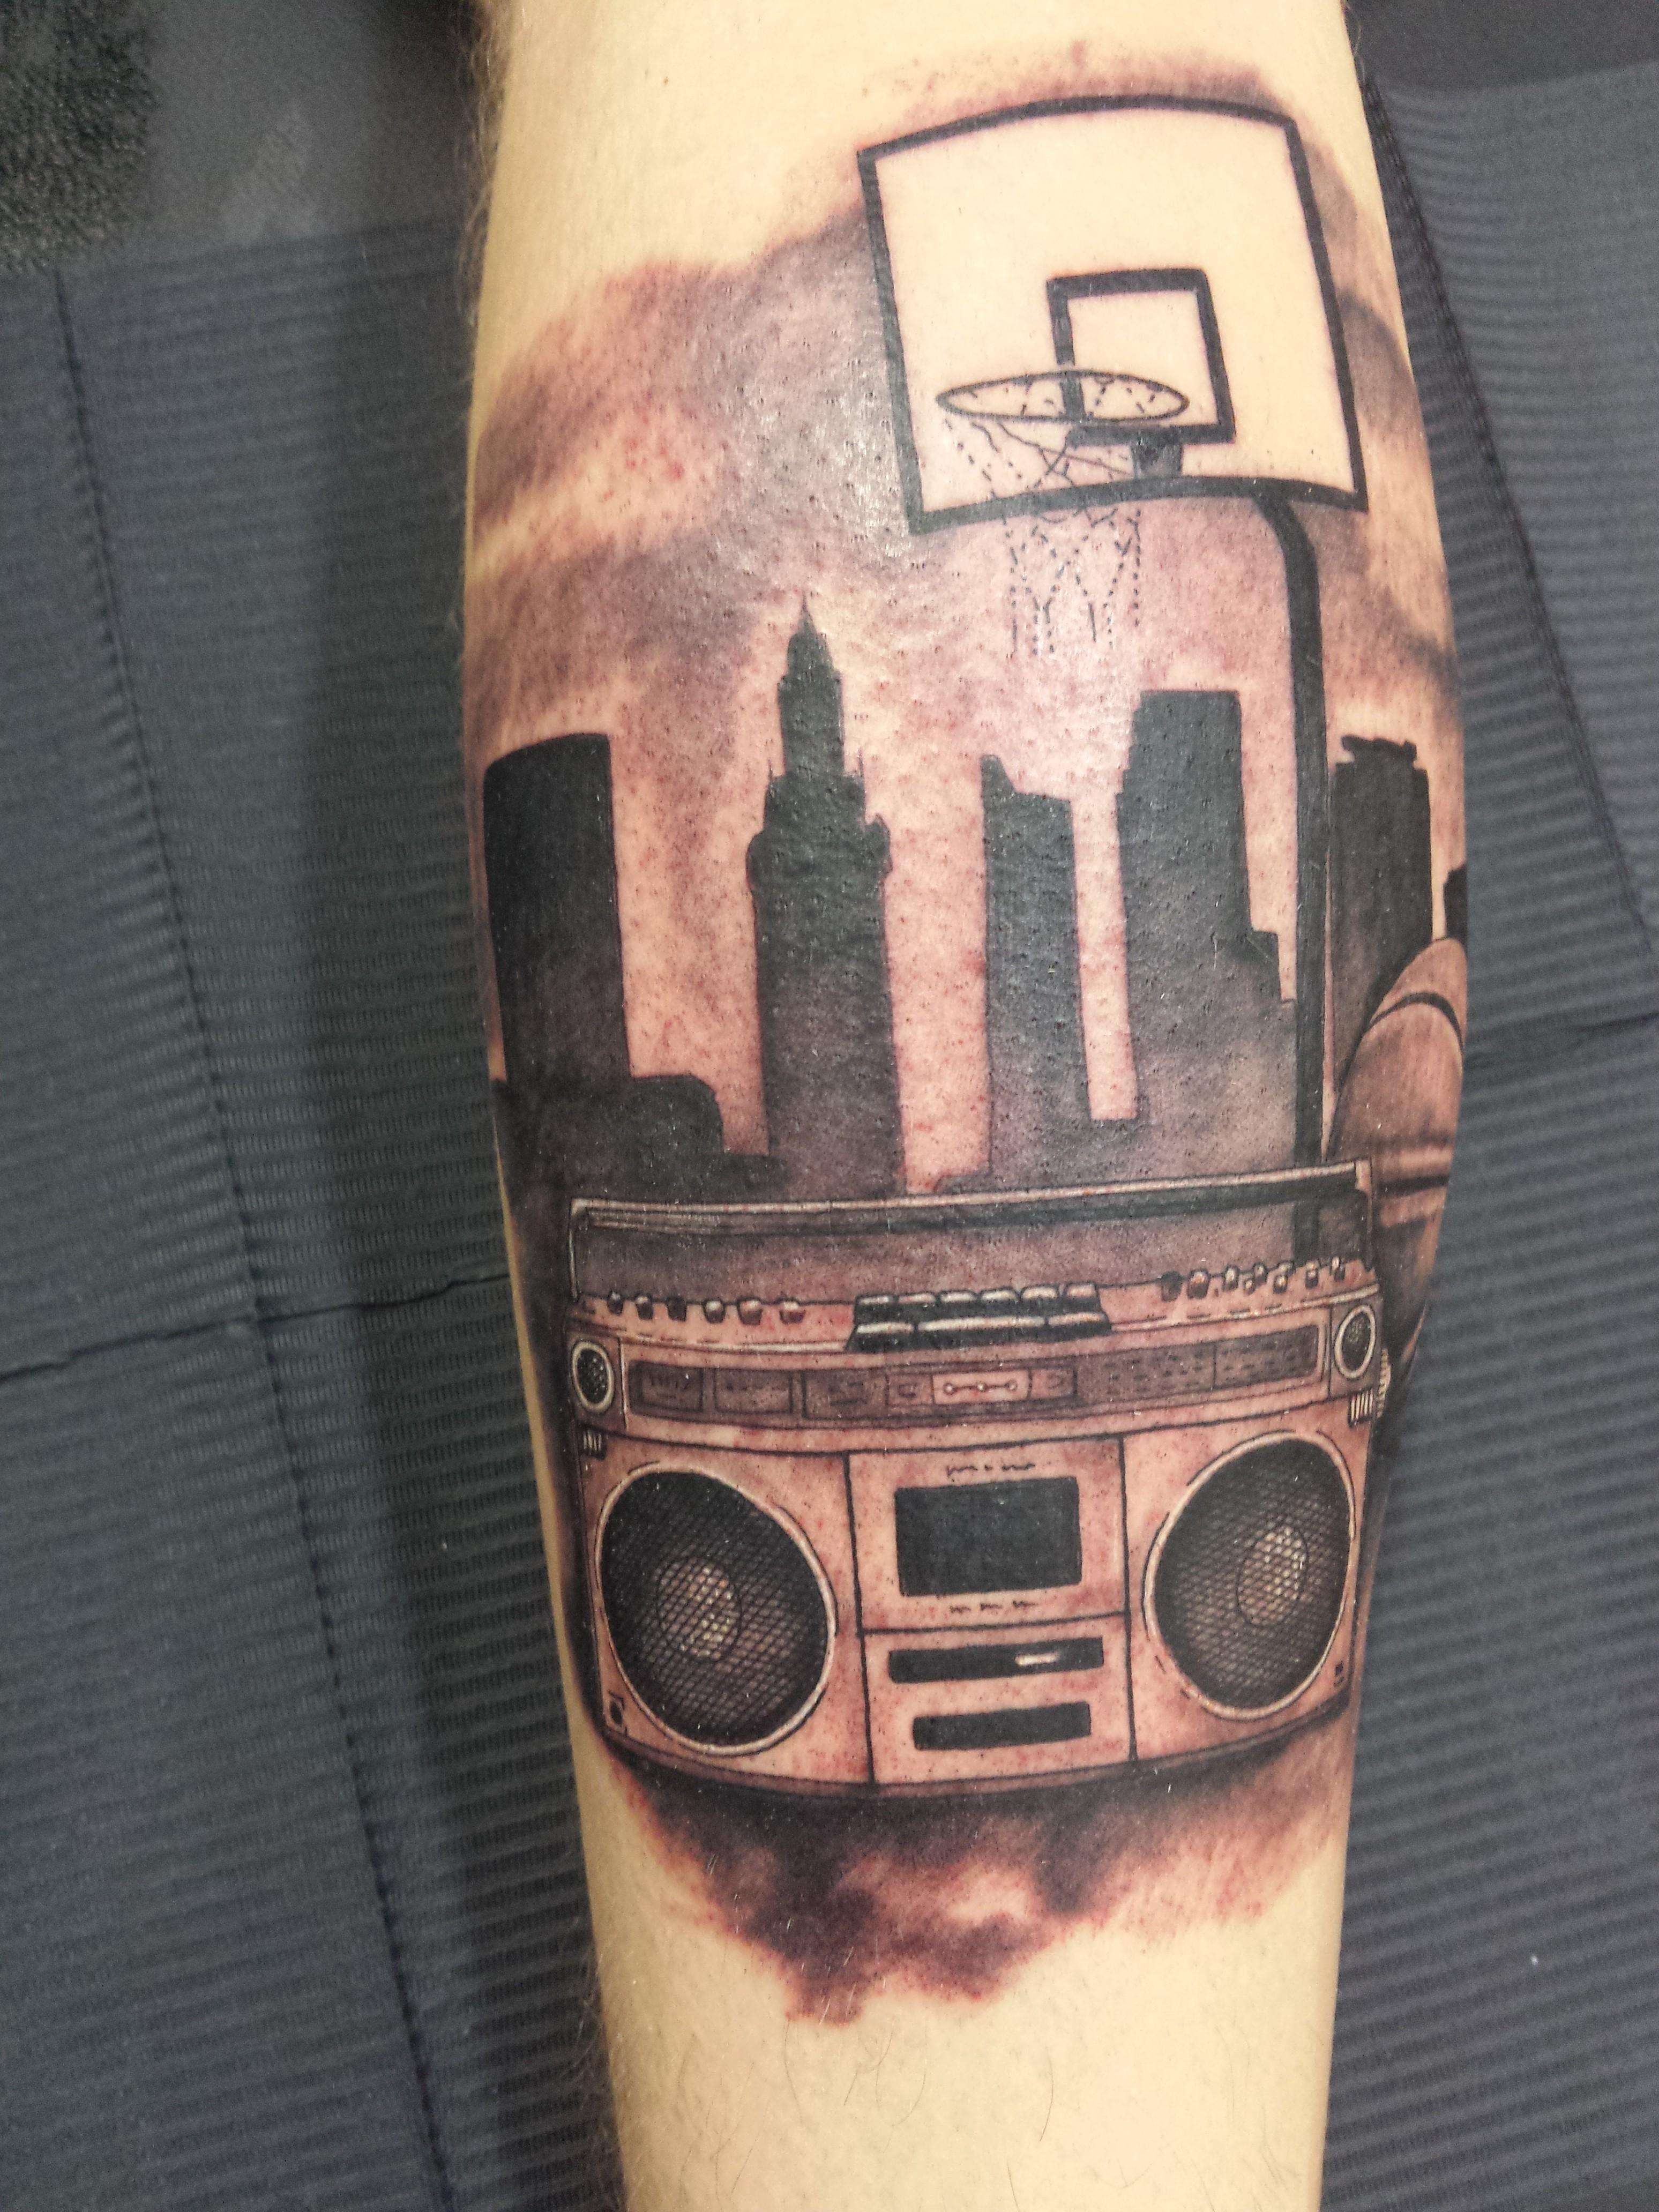 tatuaje basket-rap-hip hop-radiocasette-jorge garcía-Tatuajes L'Eliana